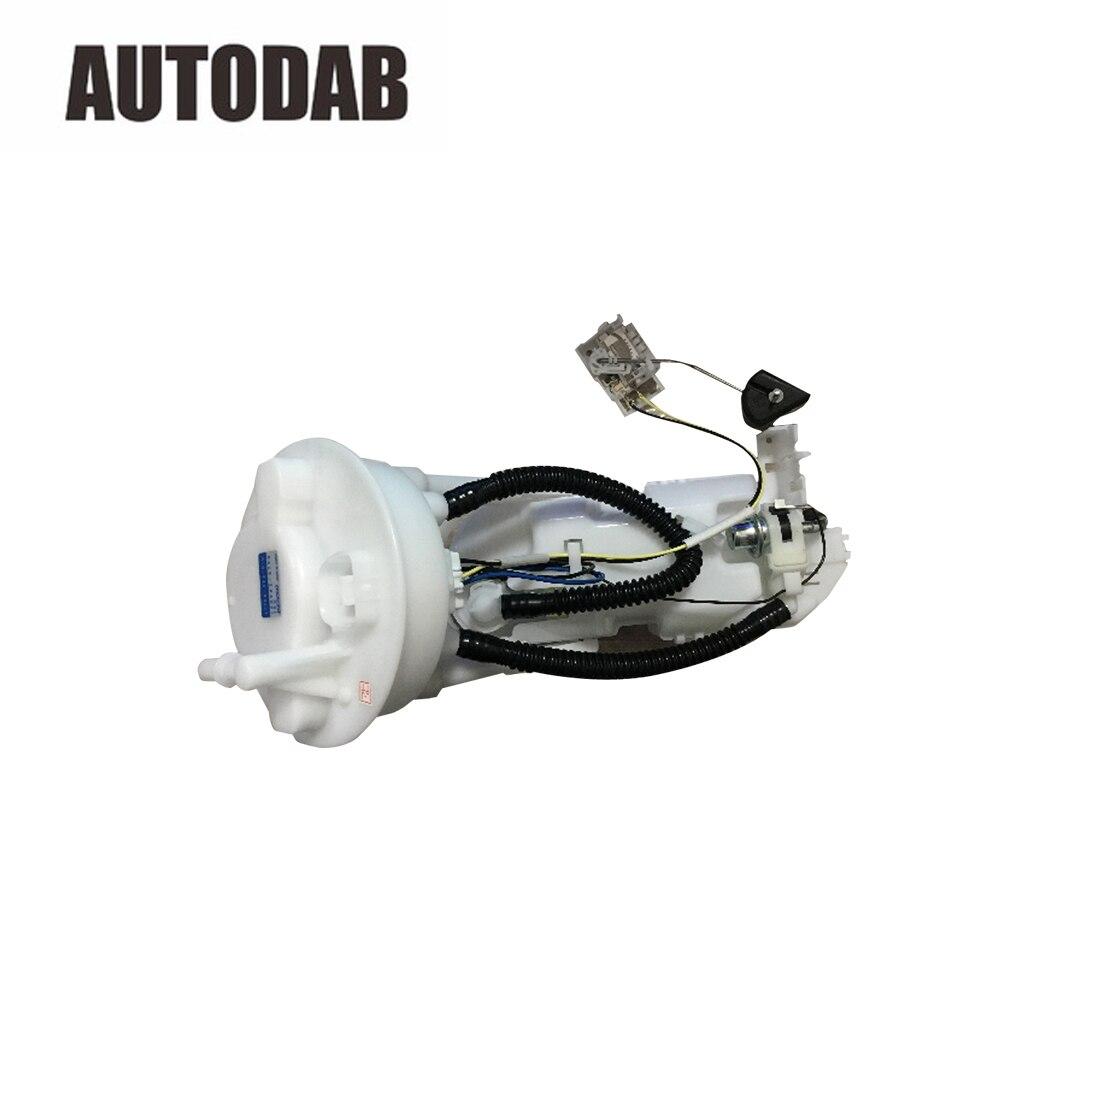 Haute Qualité pompe à carburant pour 2005-2011 honda odyssey RB1/3 17045-SFE-H50 17708-SLG-932-M1 DSF-BT05 #01051019-317